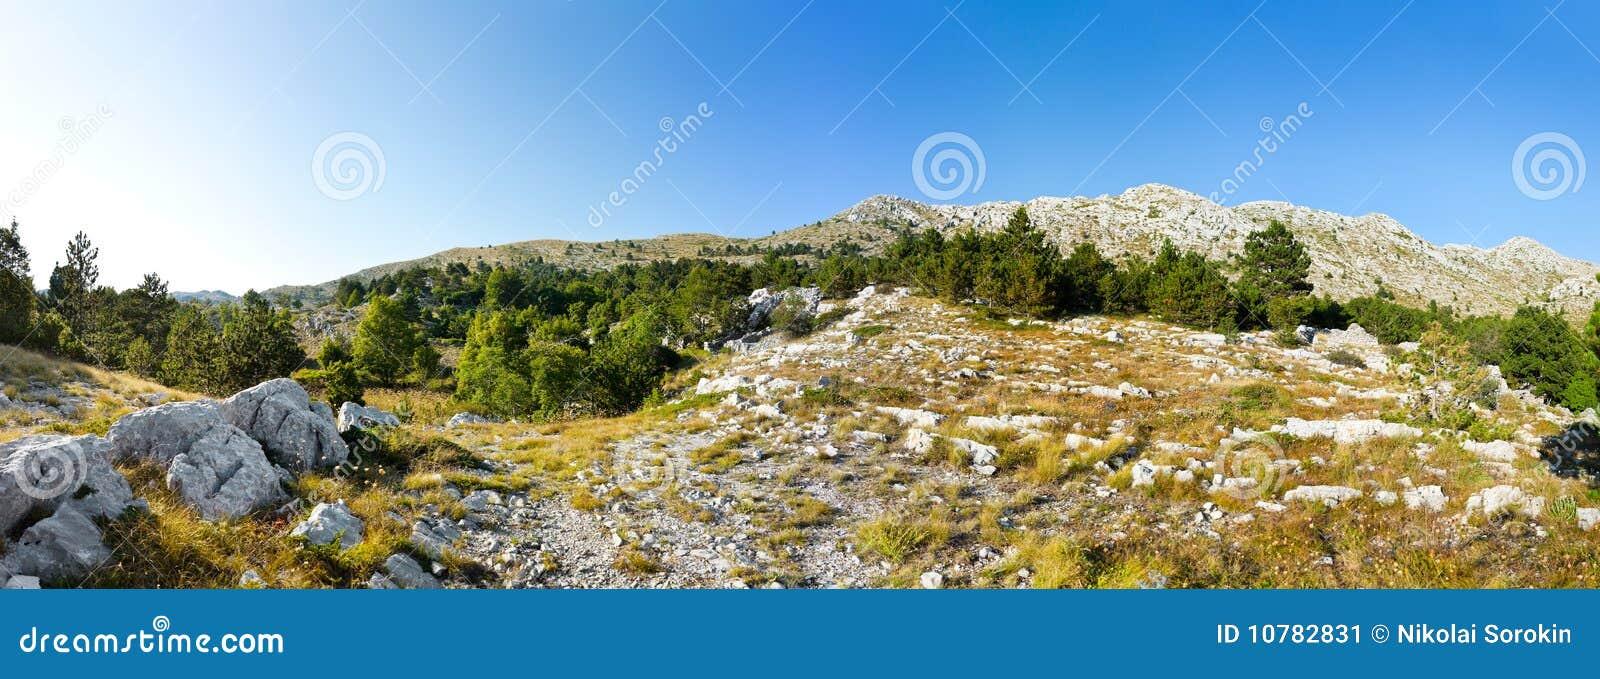 Het panorama van bergen